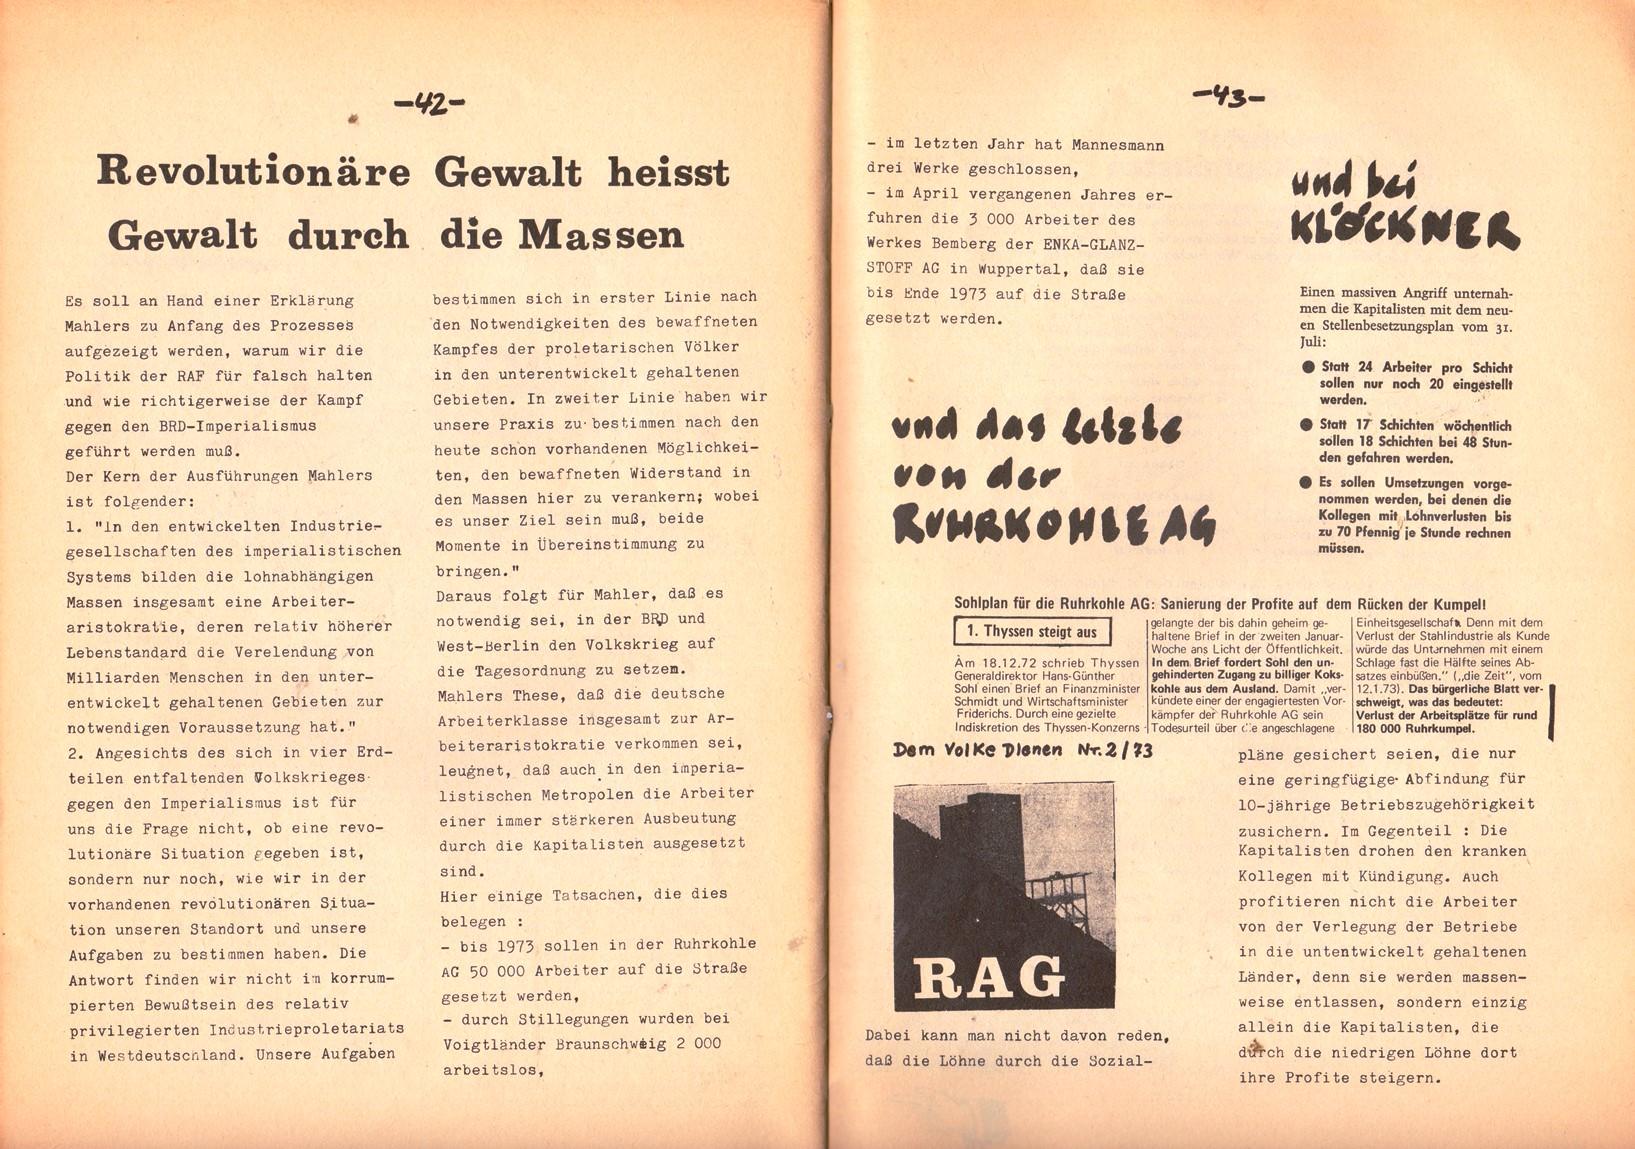 Berlin_RH_1973_zu_Horst_Mahler_23